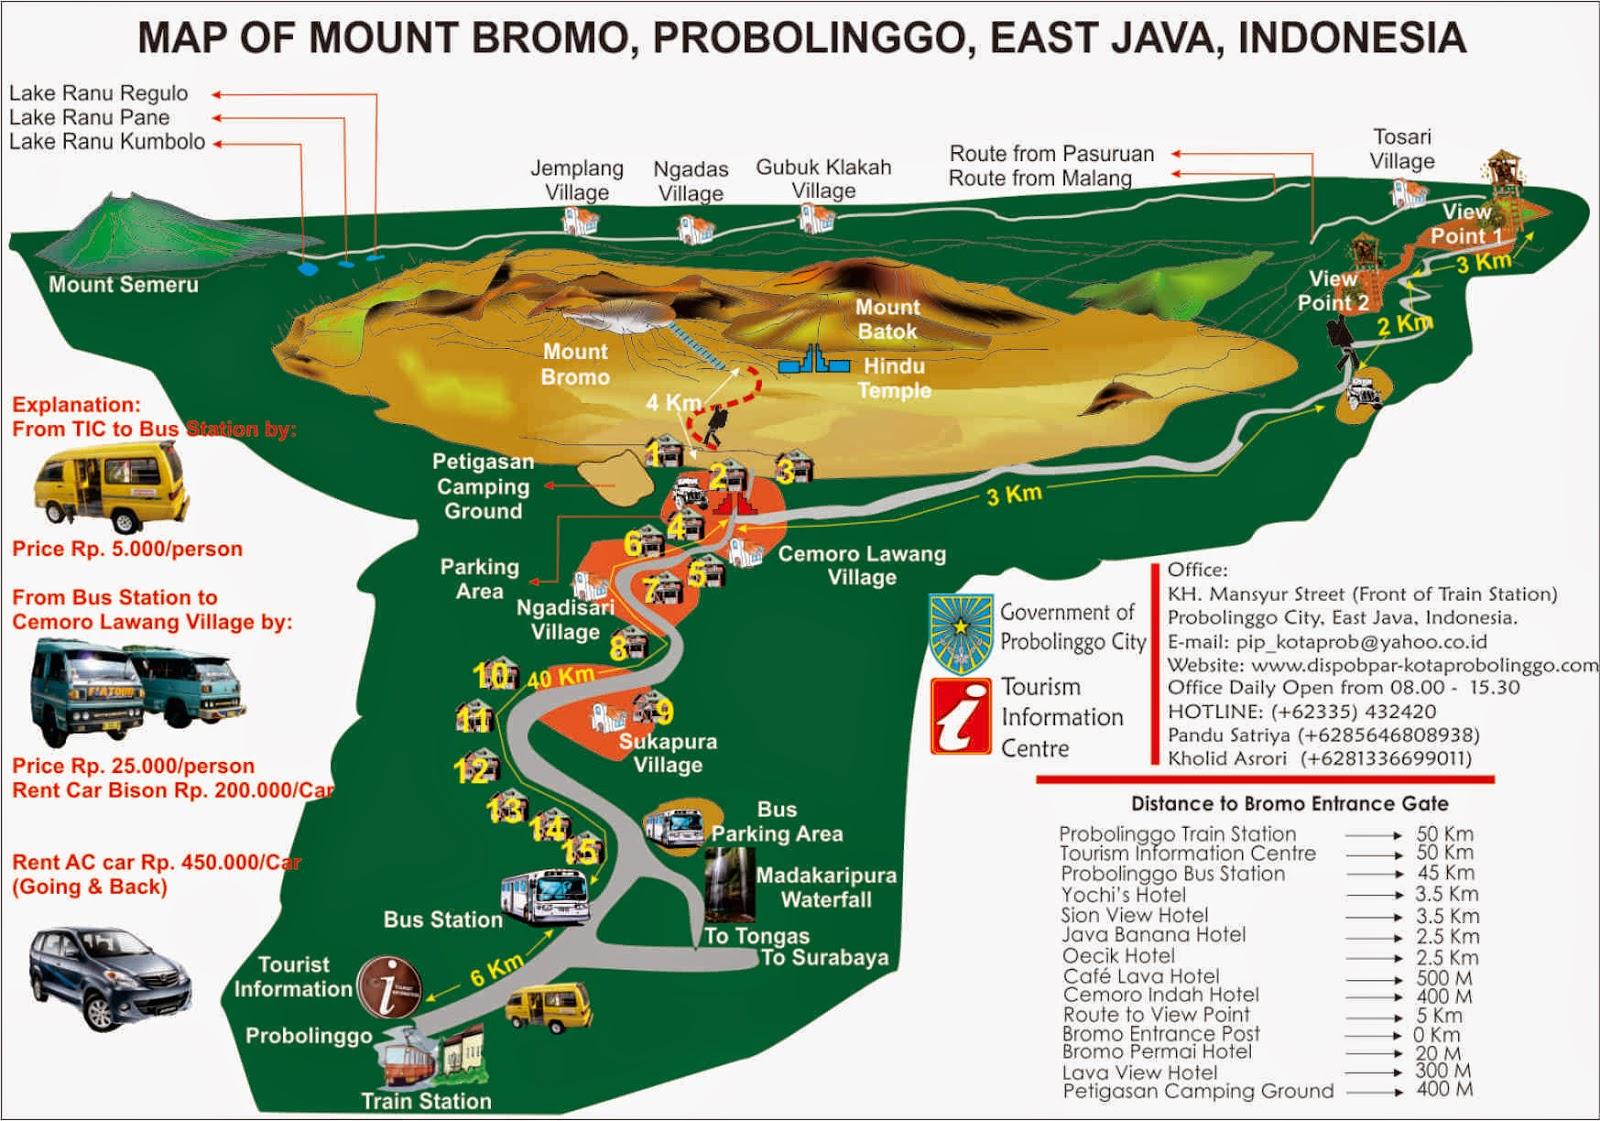 rute menuju bromom, tips ke gunung bromo